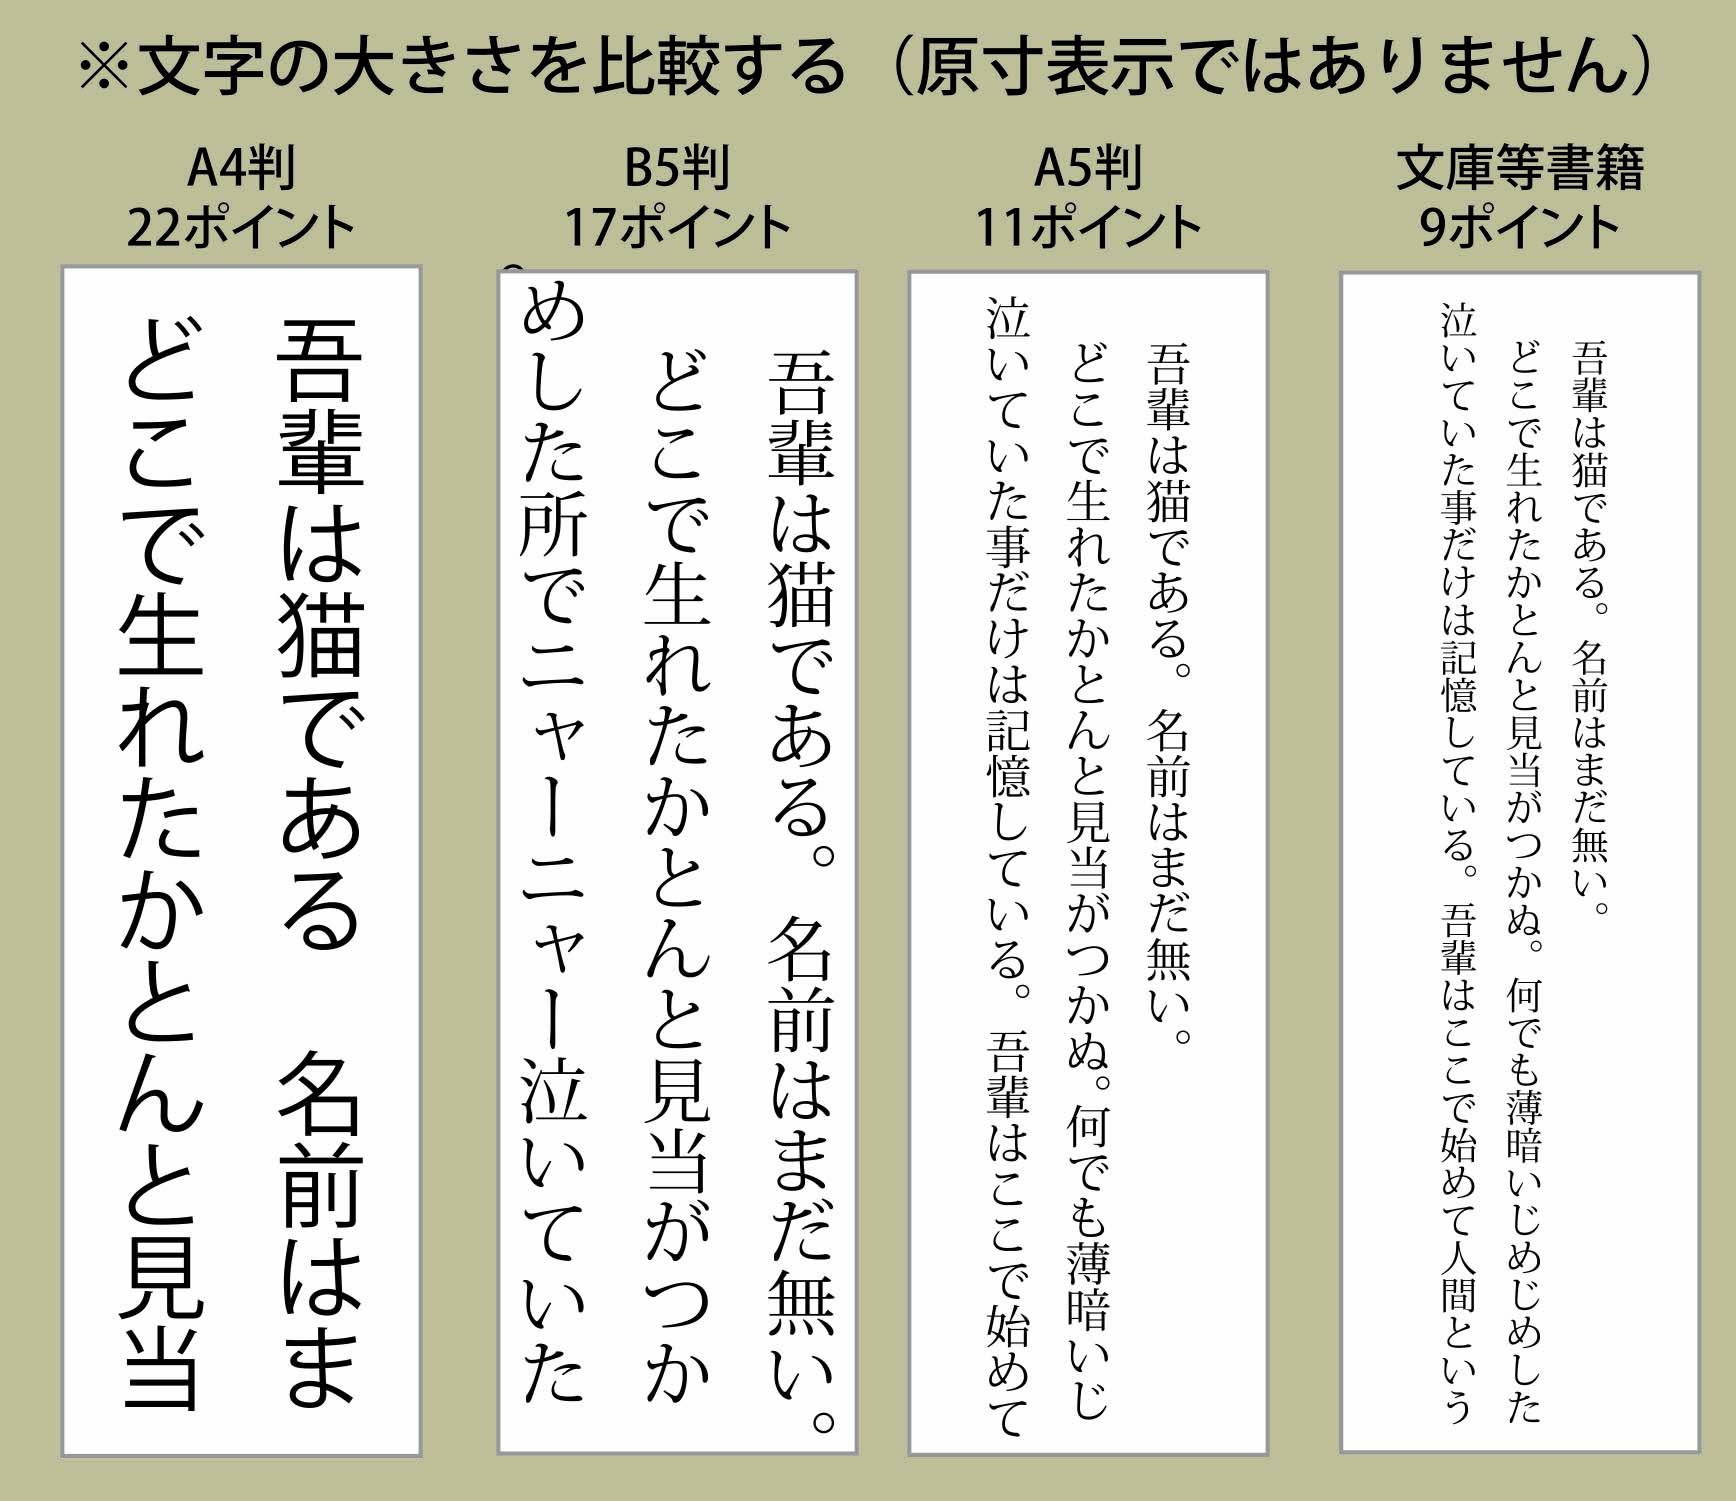 青空文庫 変換 pdf ao_p